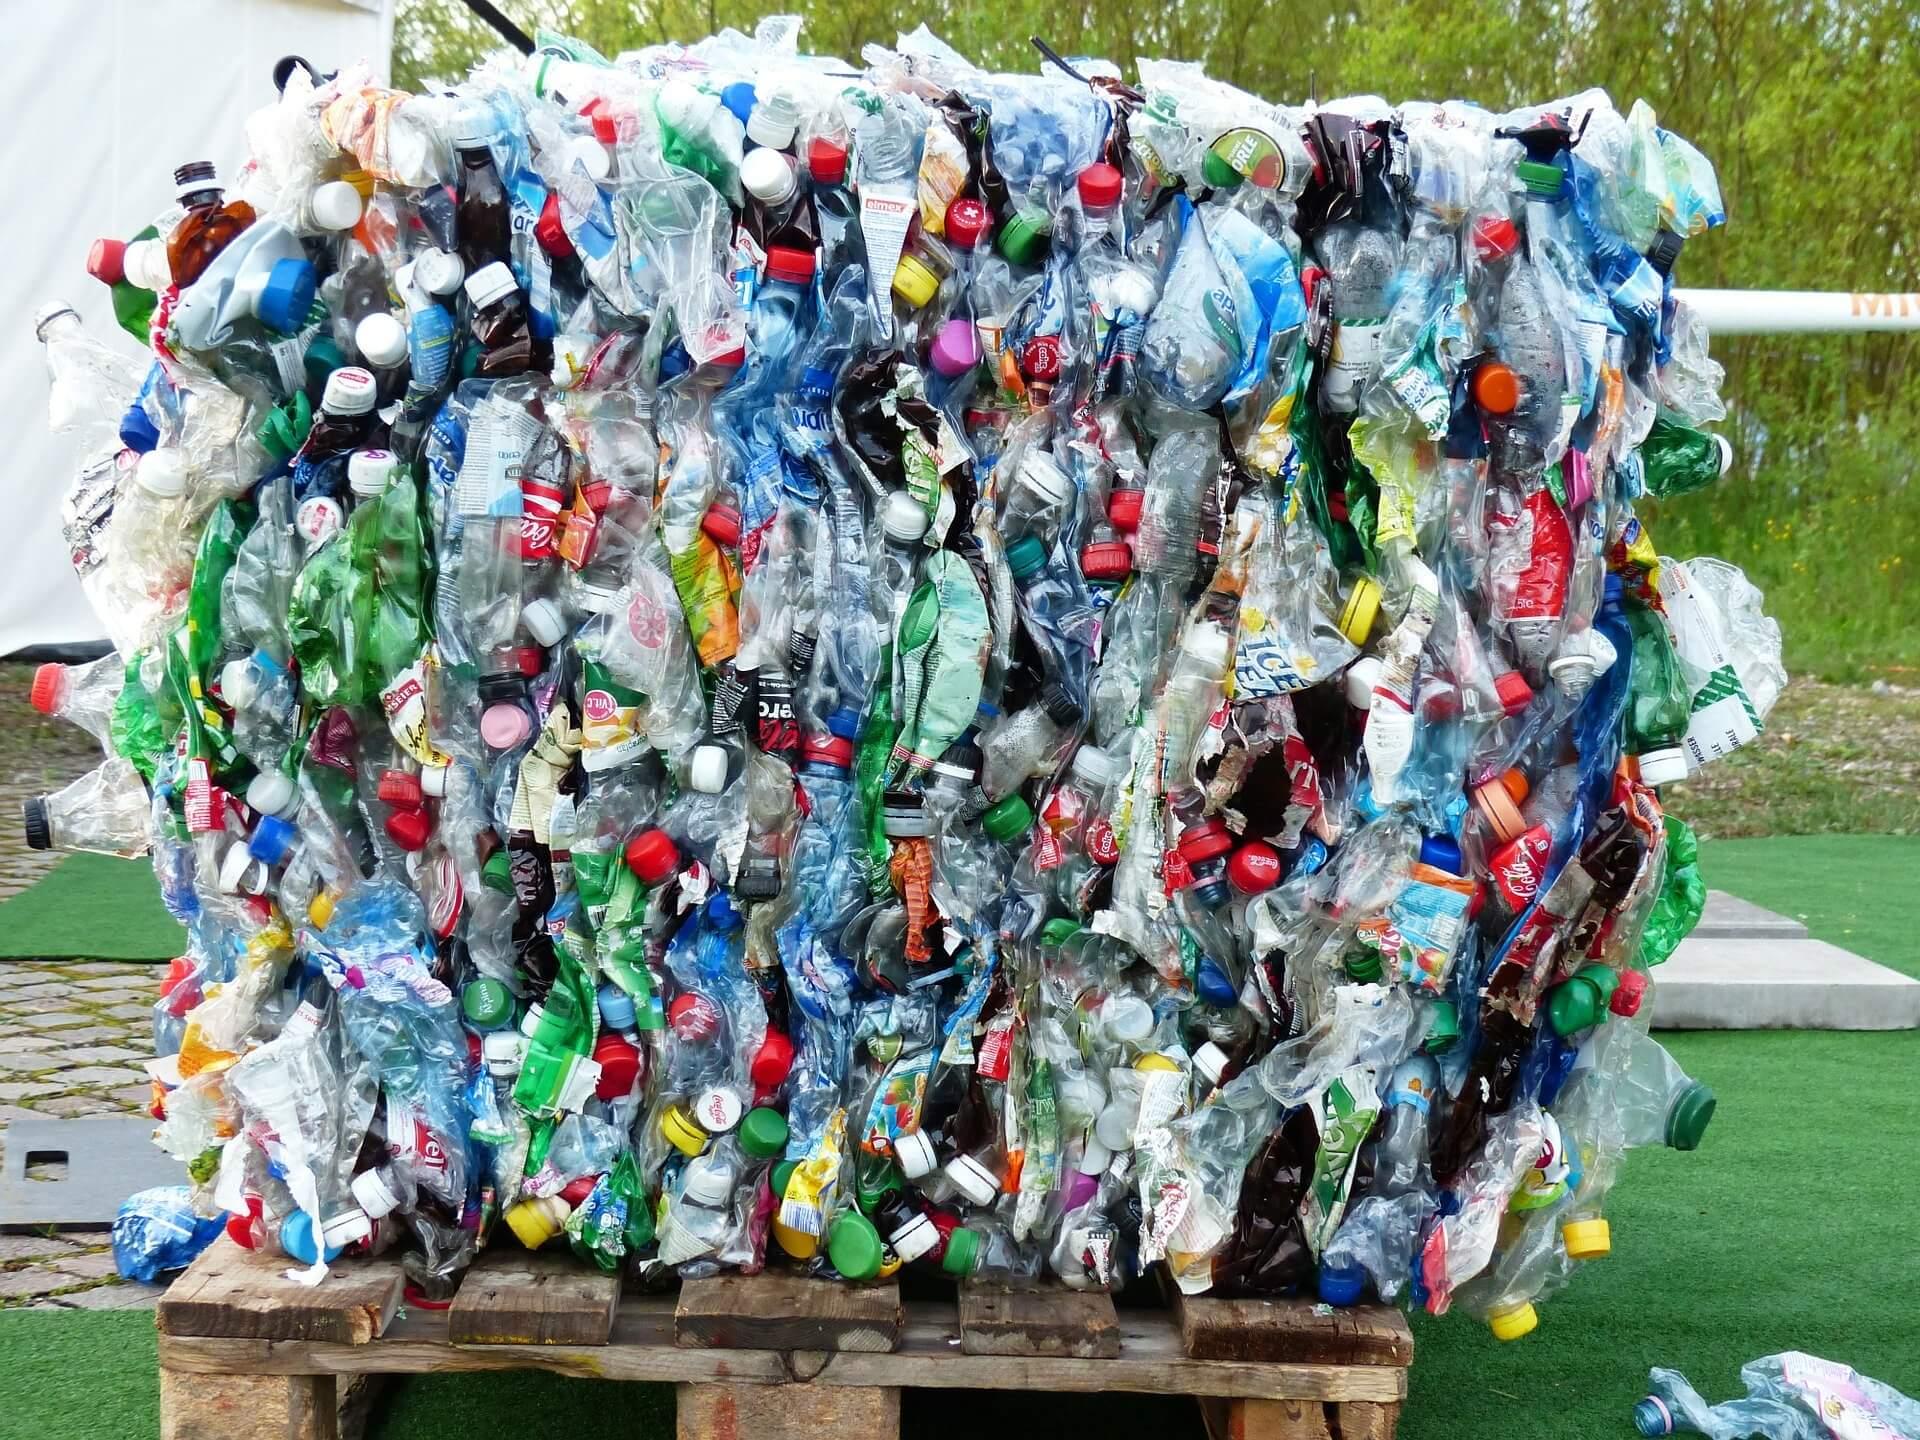 varias botellas de plástico apiladas